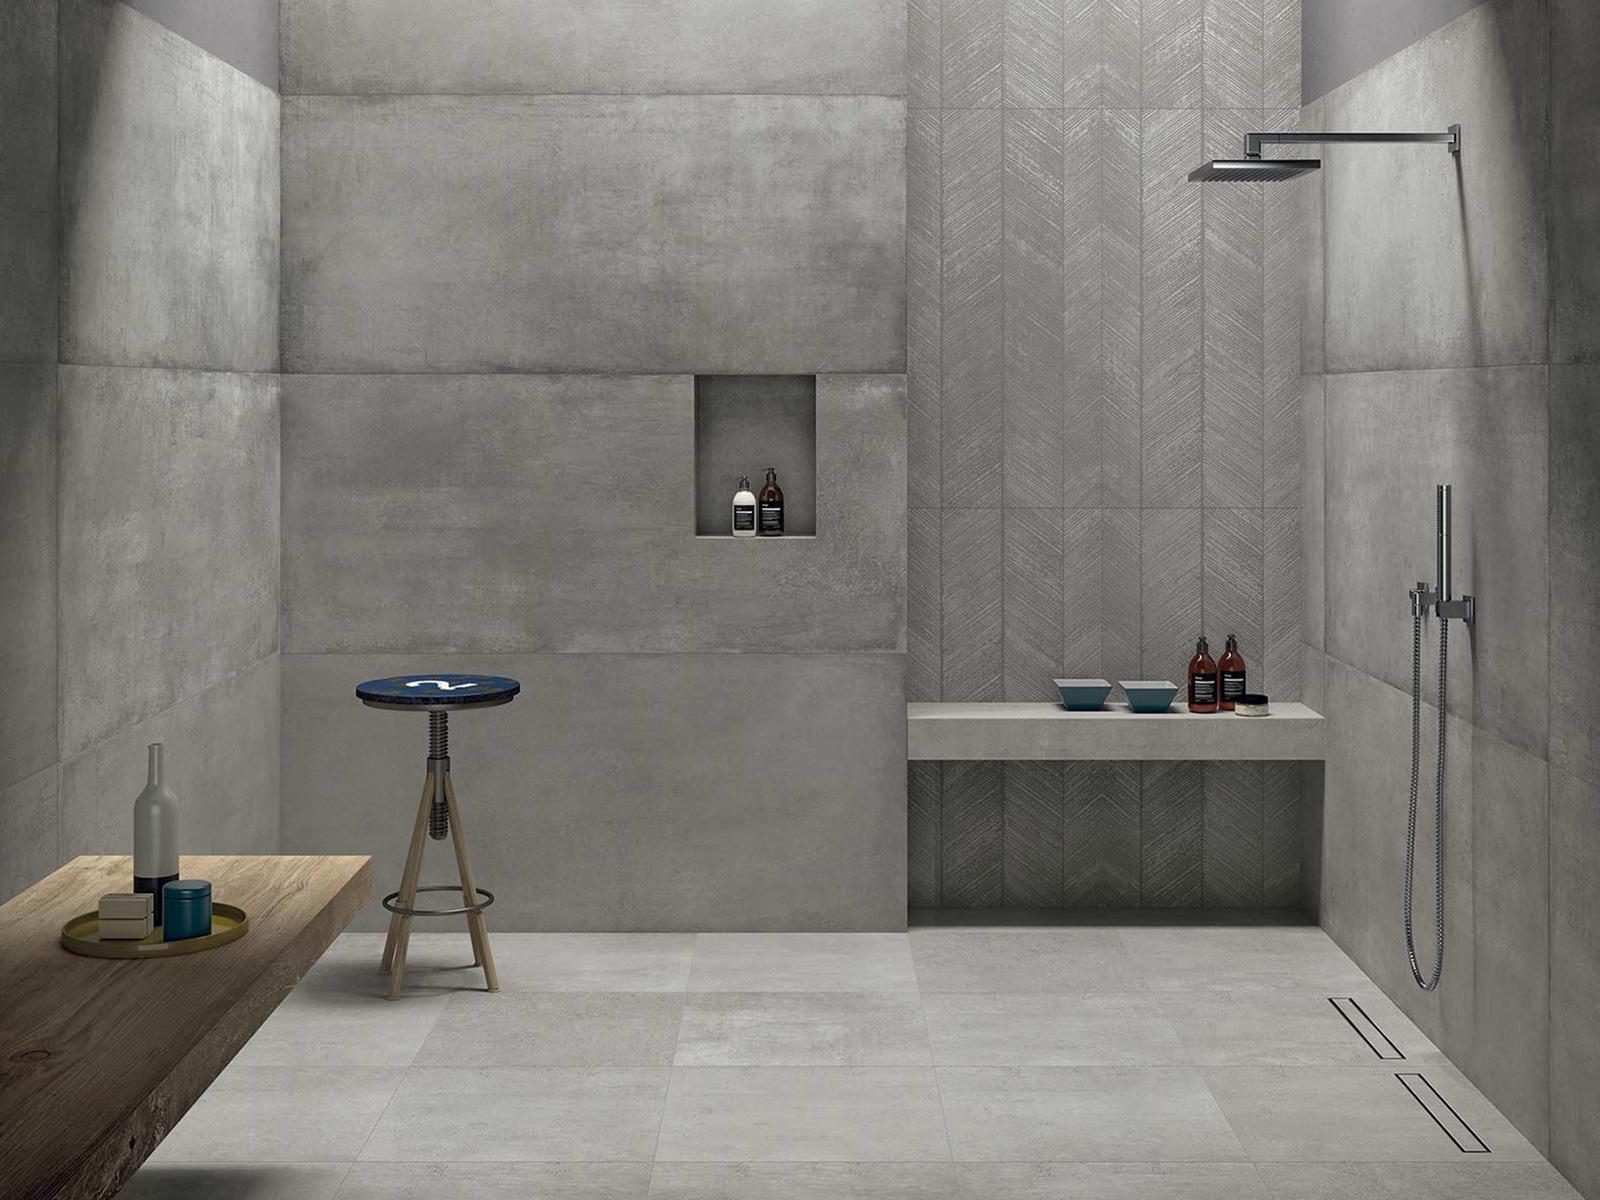 dusche in betonoptik aus grossformatigen keramikplatten granimor. Black Bedroom Furniture Sets. Home Design Ideas